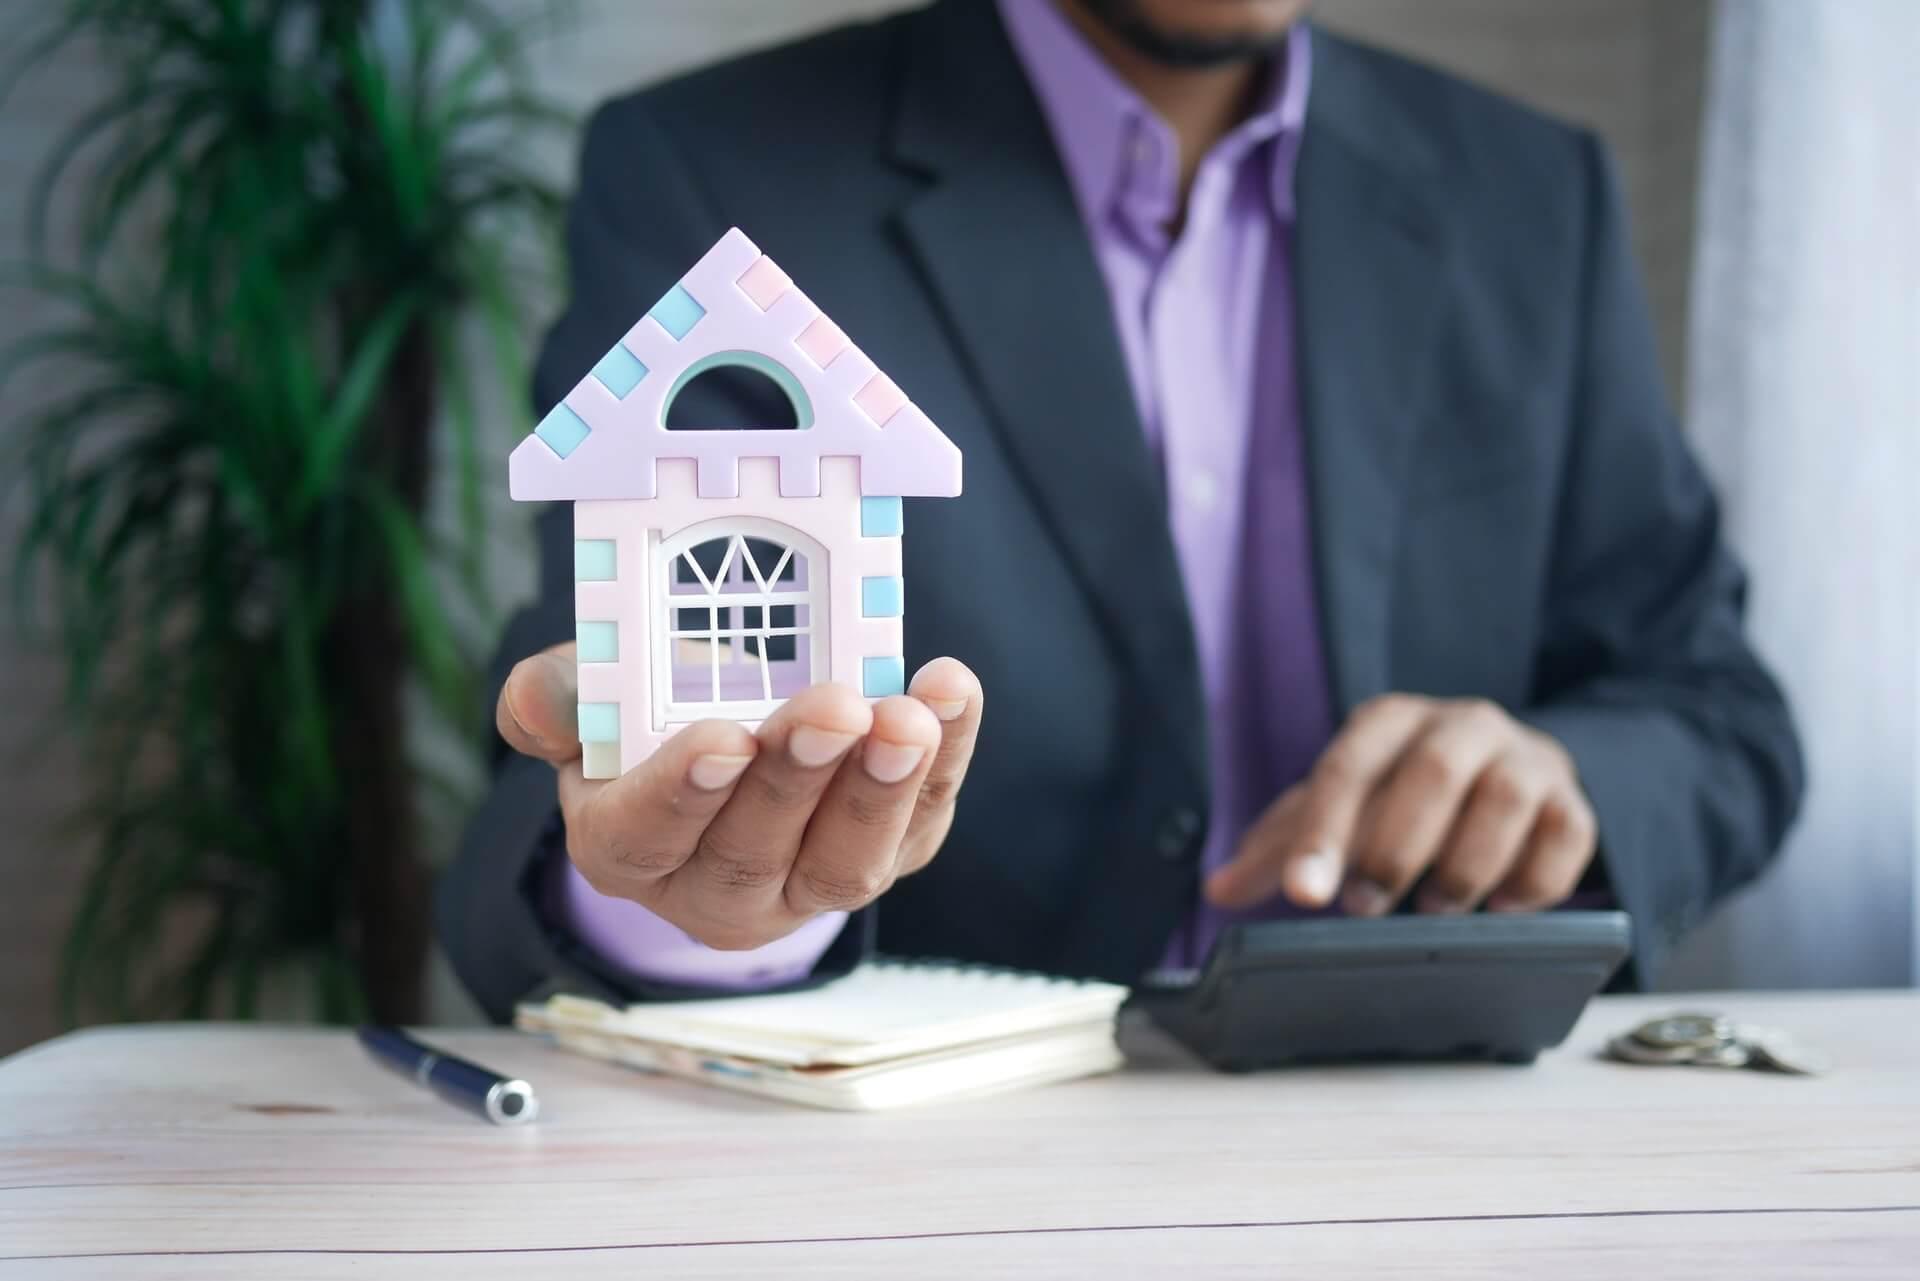 Wohn Riester als wichtiger Finanzierungsbaustein